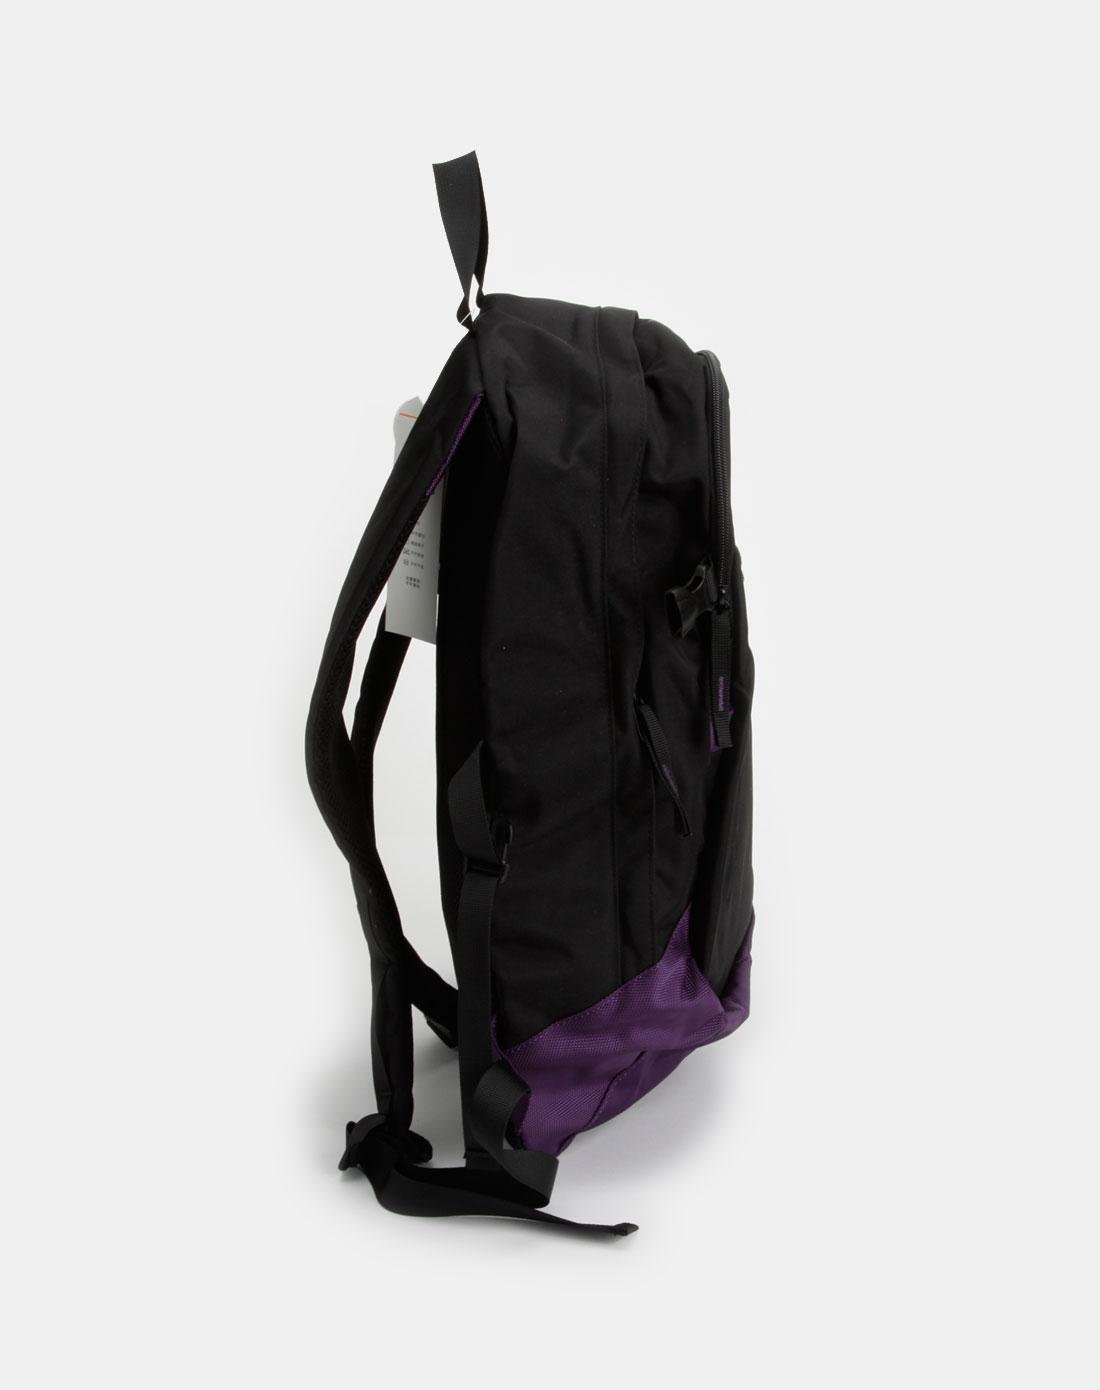 黑/紫色时尚双肩背包图片